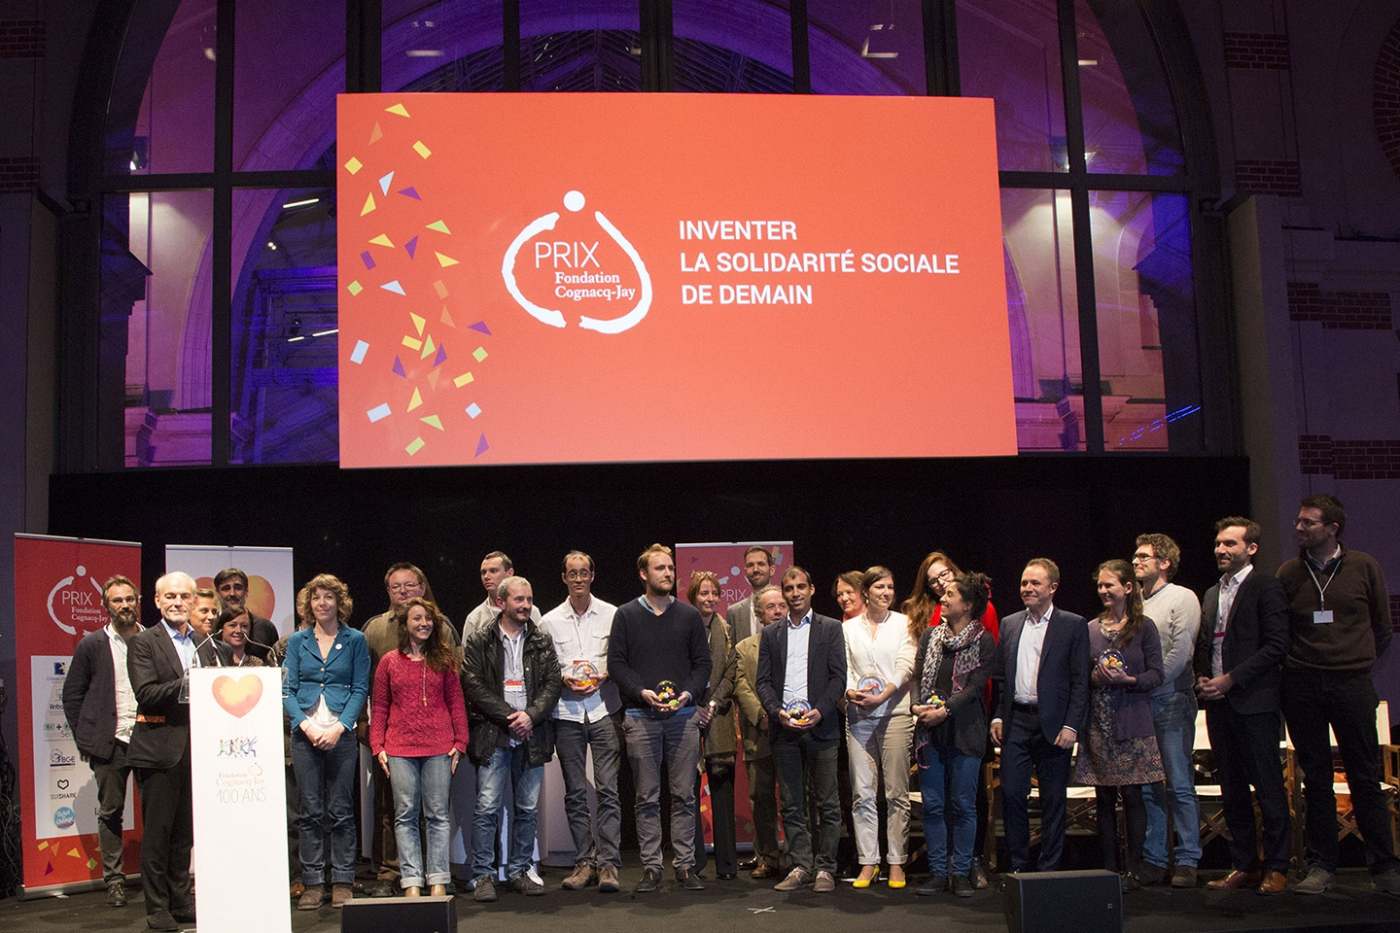 Cérémonie de remise du Prix Fondation Cognacq-Jay aux lauréats